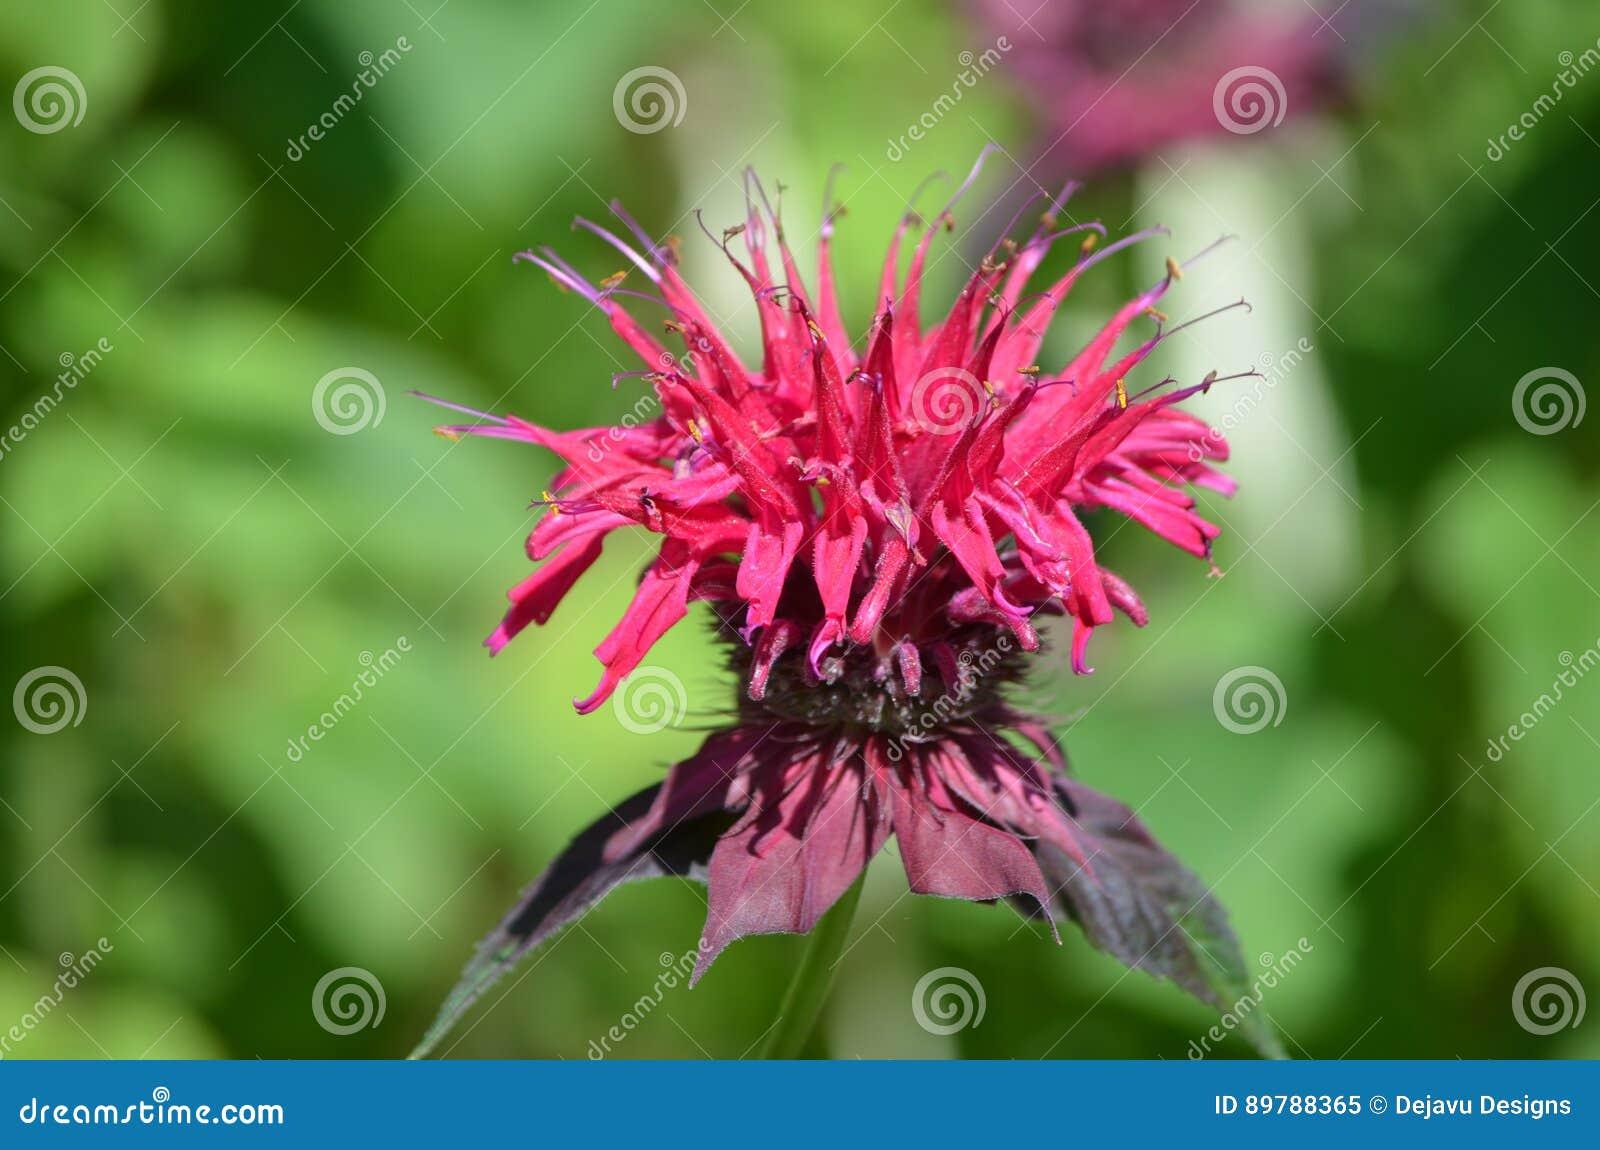 Schöne Rote Bienen-Balsam-Blume In Der Blüte Stockbild - Bild von